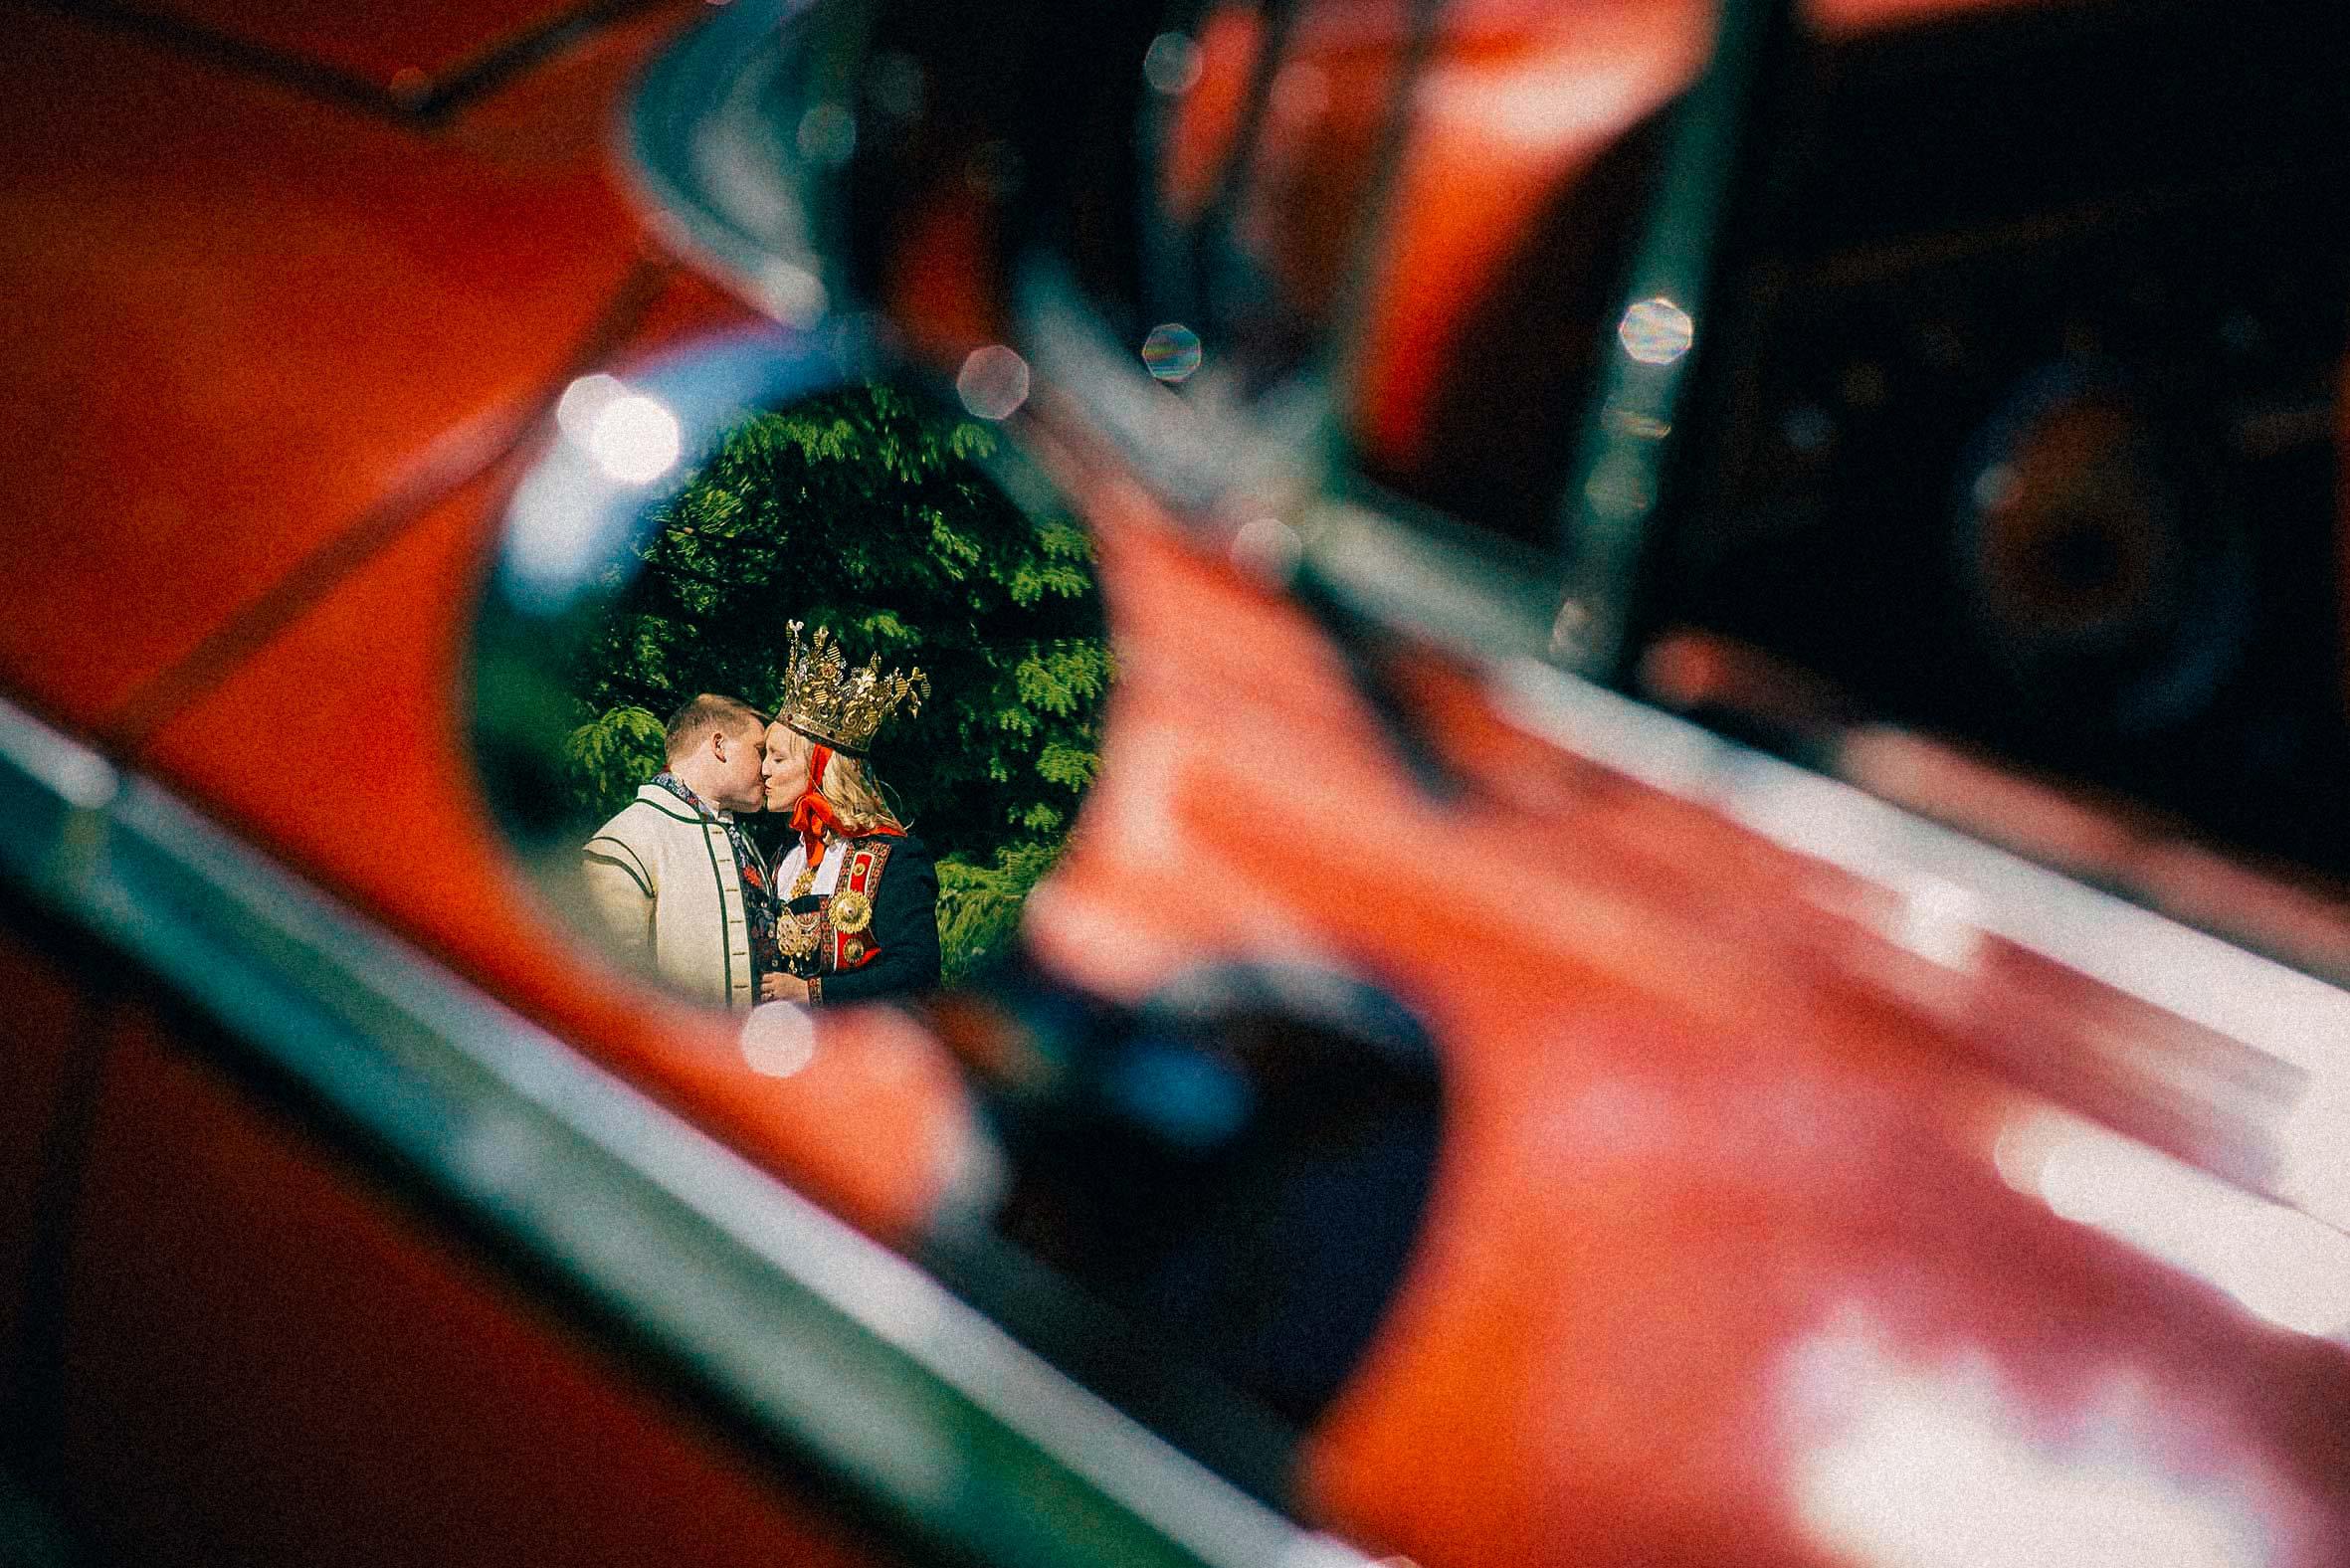 brud og brudgom kysser i speilet til en rød bil